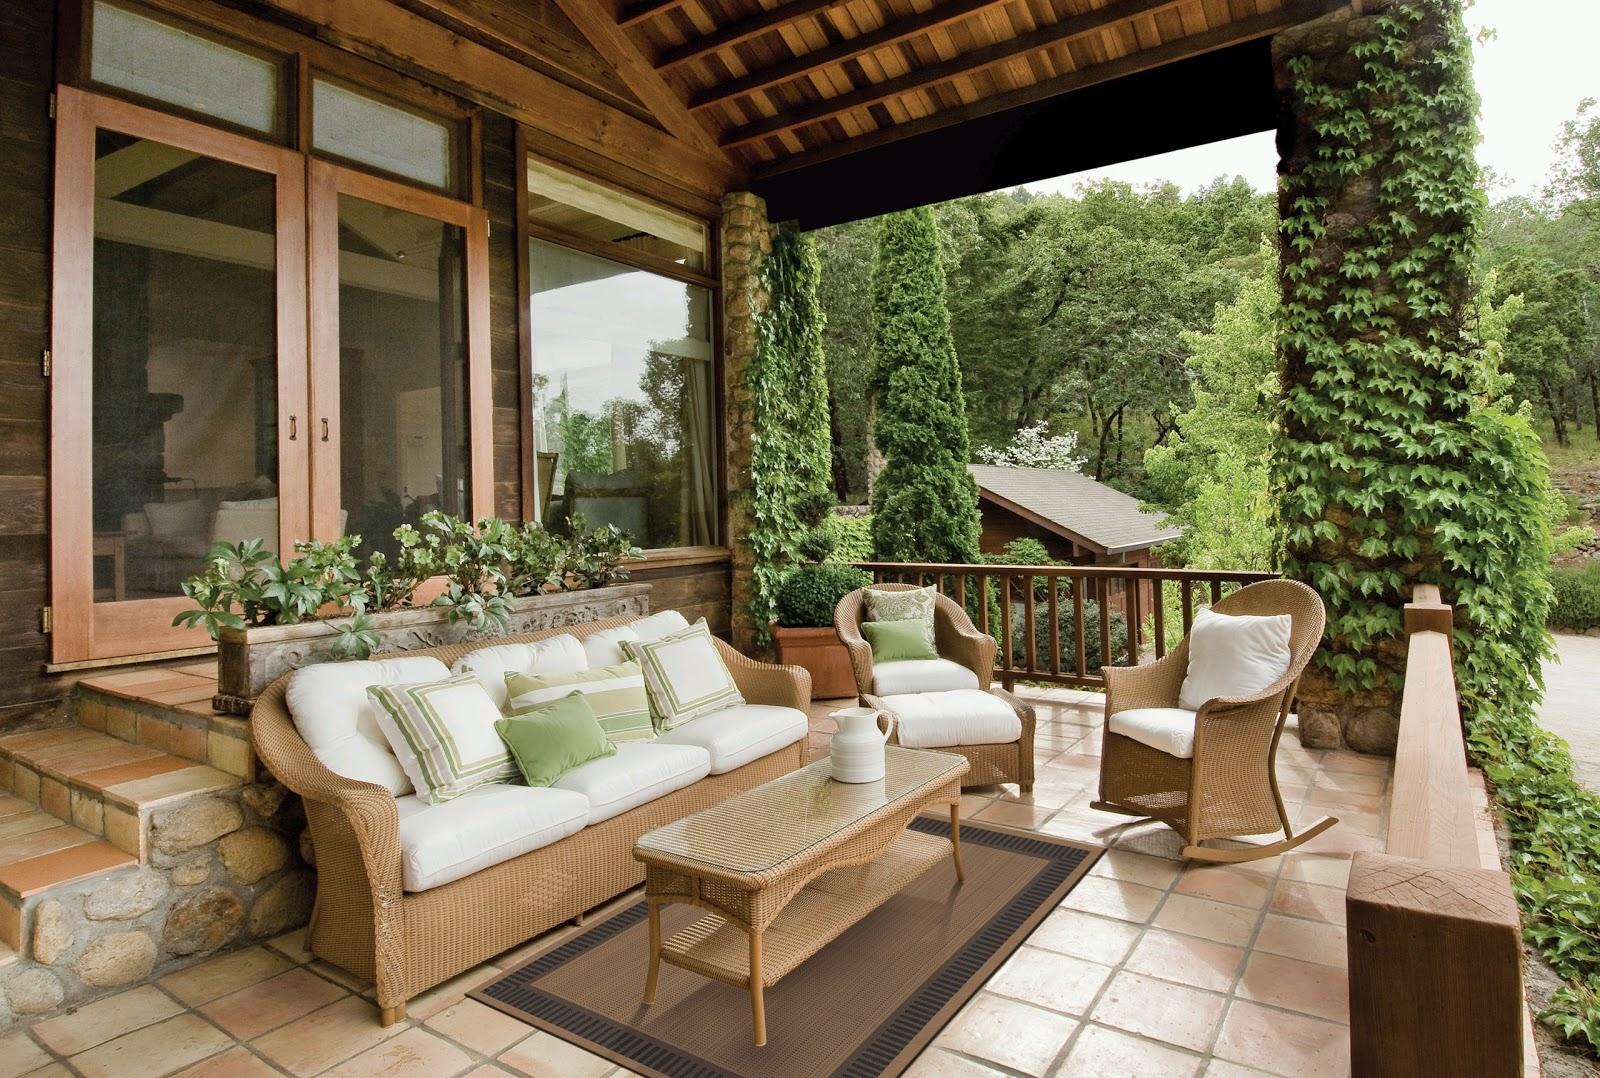 the floor decor blog inspirational deck designs. Black Bedroom Furniture Sets. Home Design Ideas